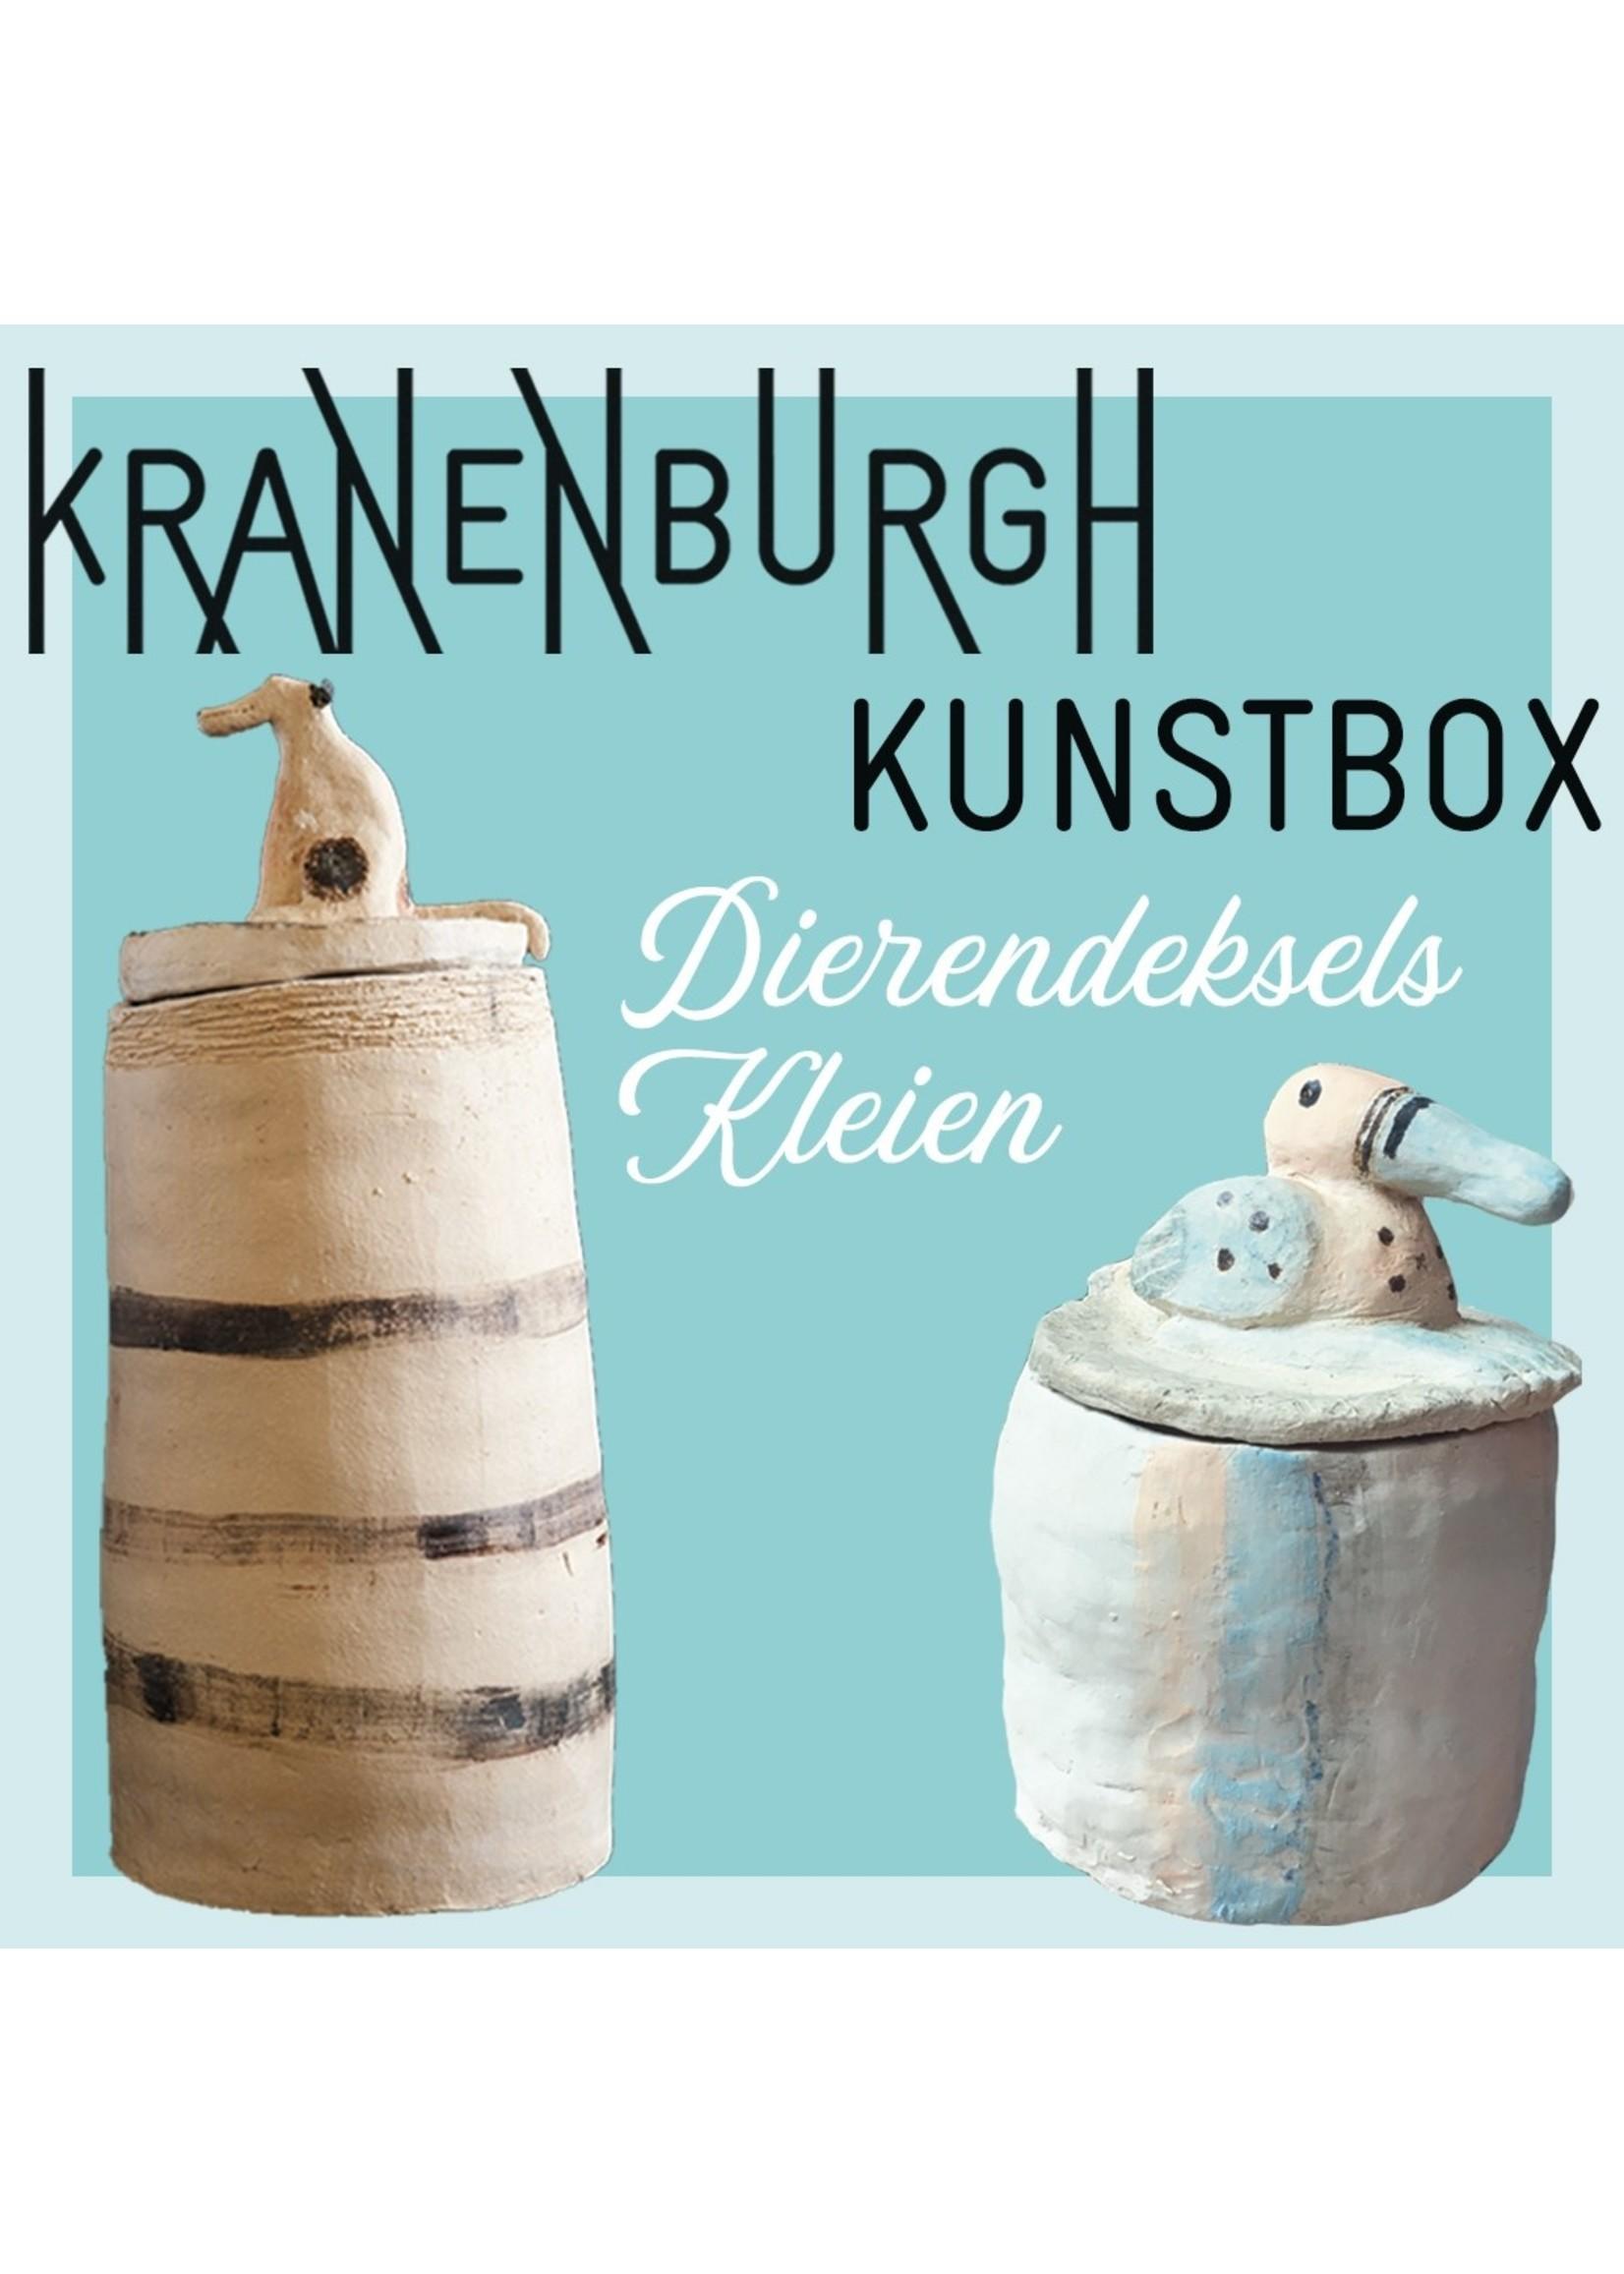 Kranenburgh Art Box: claying animal lids